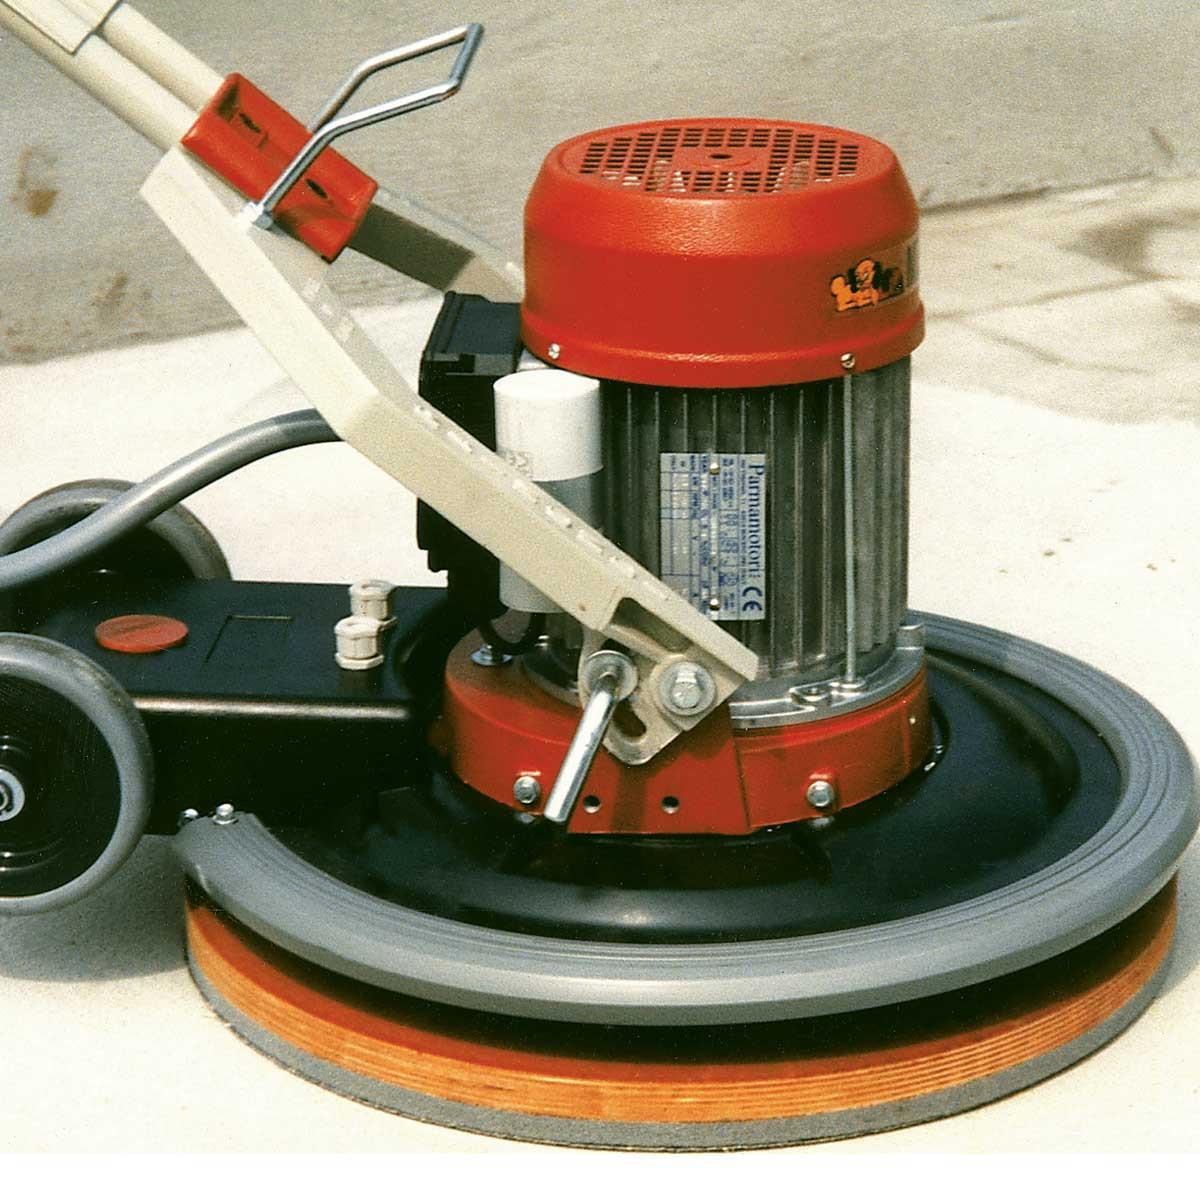 Raimondi Floor Pad Holder action